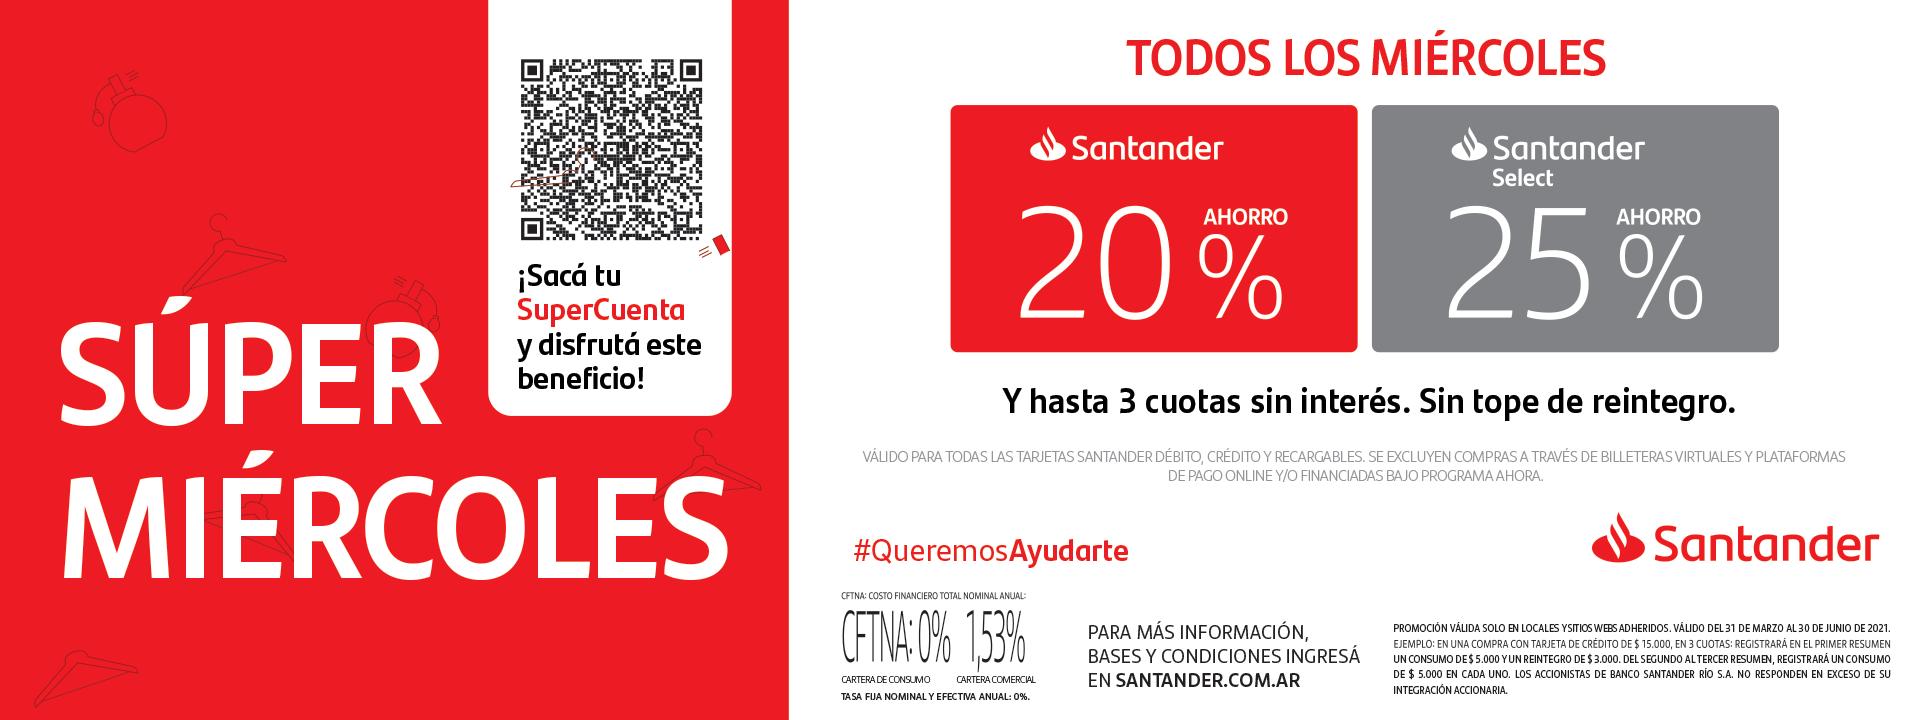 Super Miércoles de Santander Río